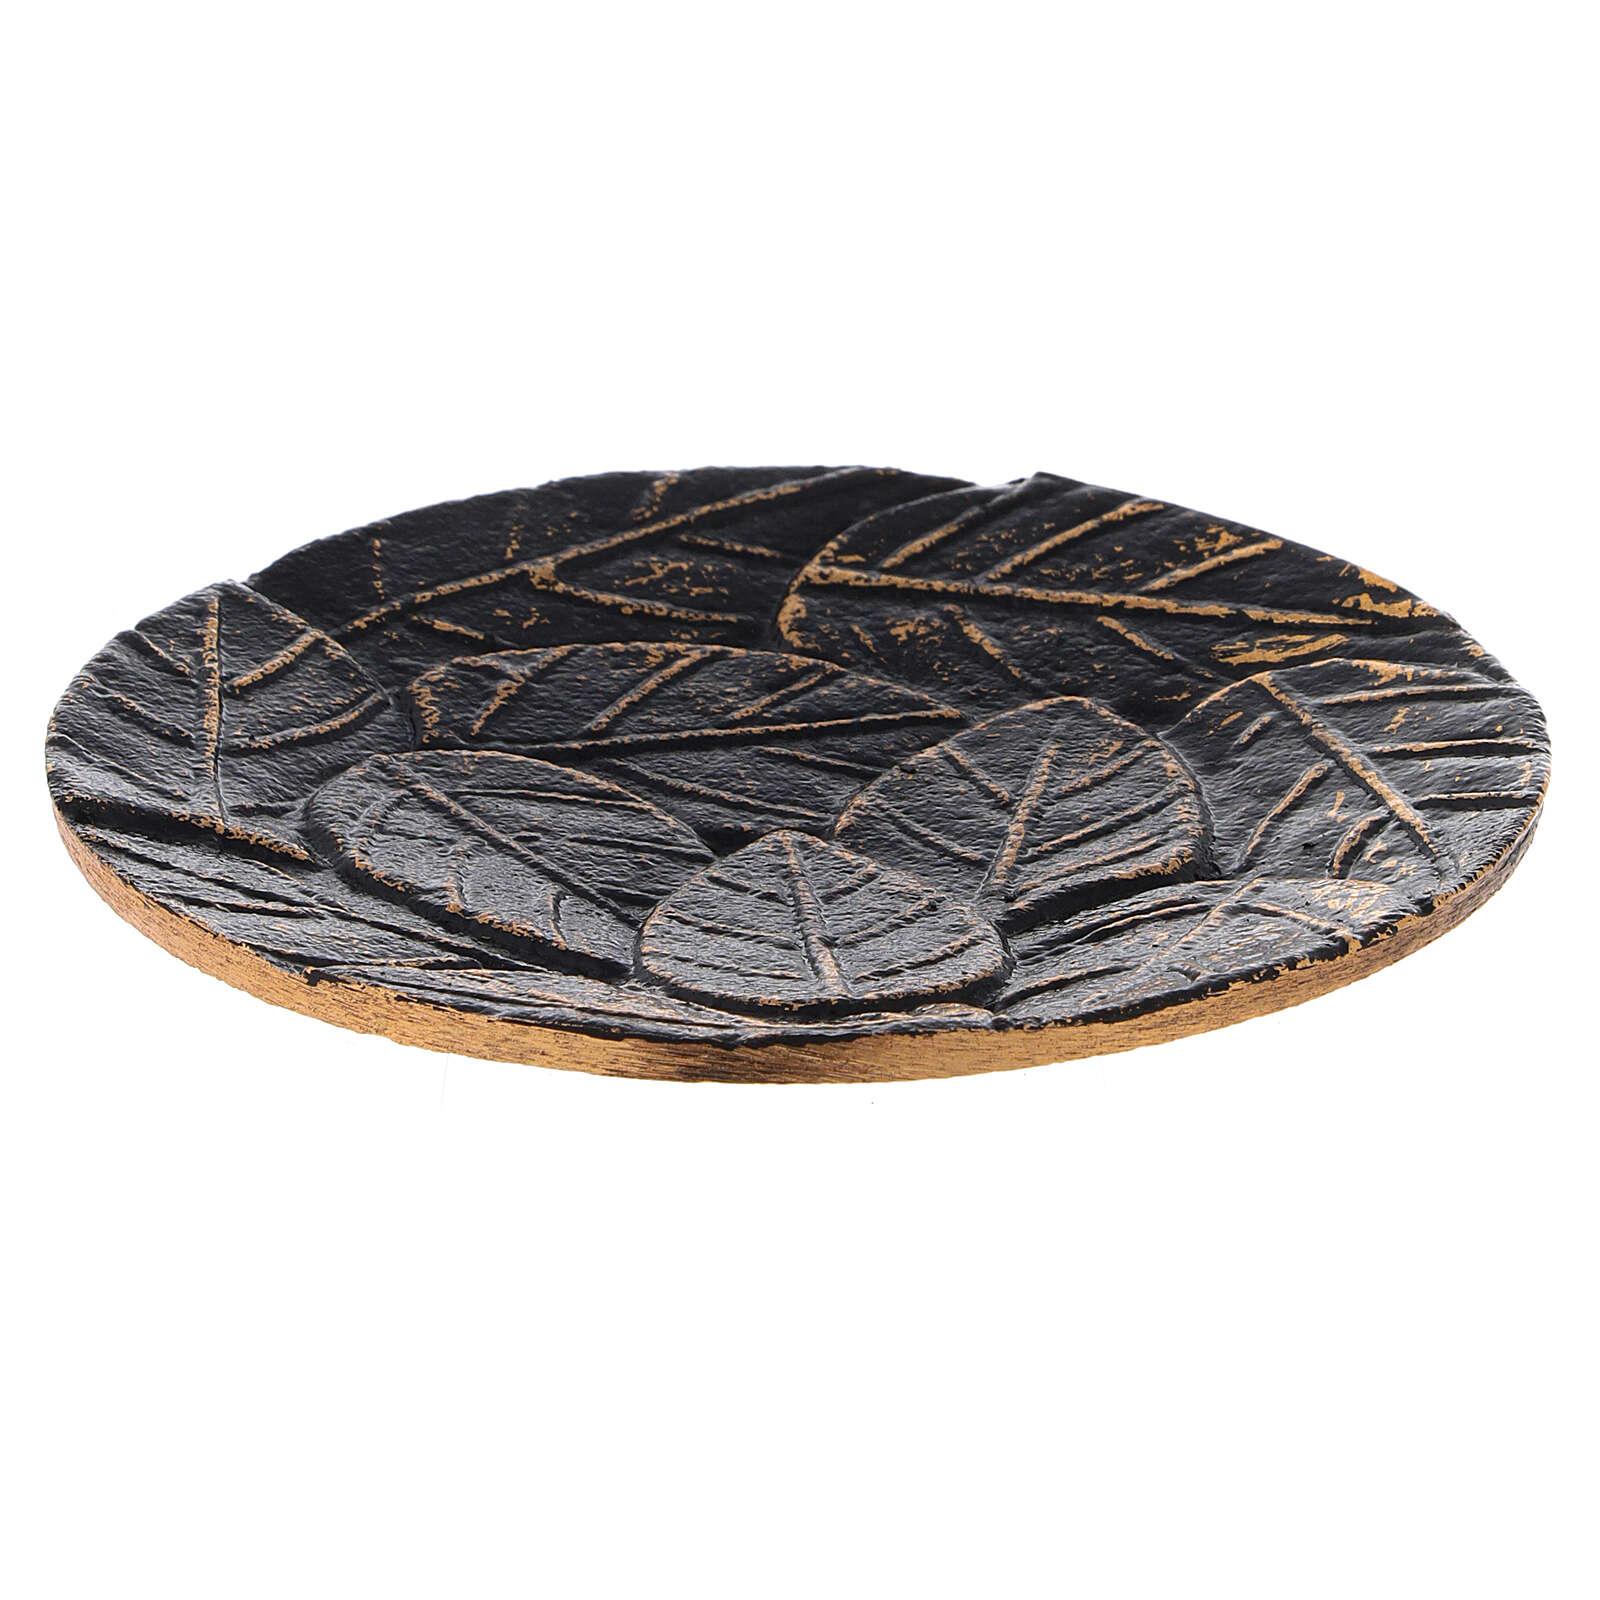 Assiette pour bougie aluminium noir or décoration feuilles diam. 12 cm 3